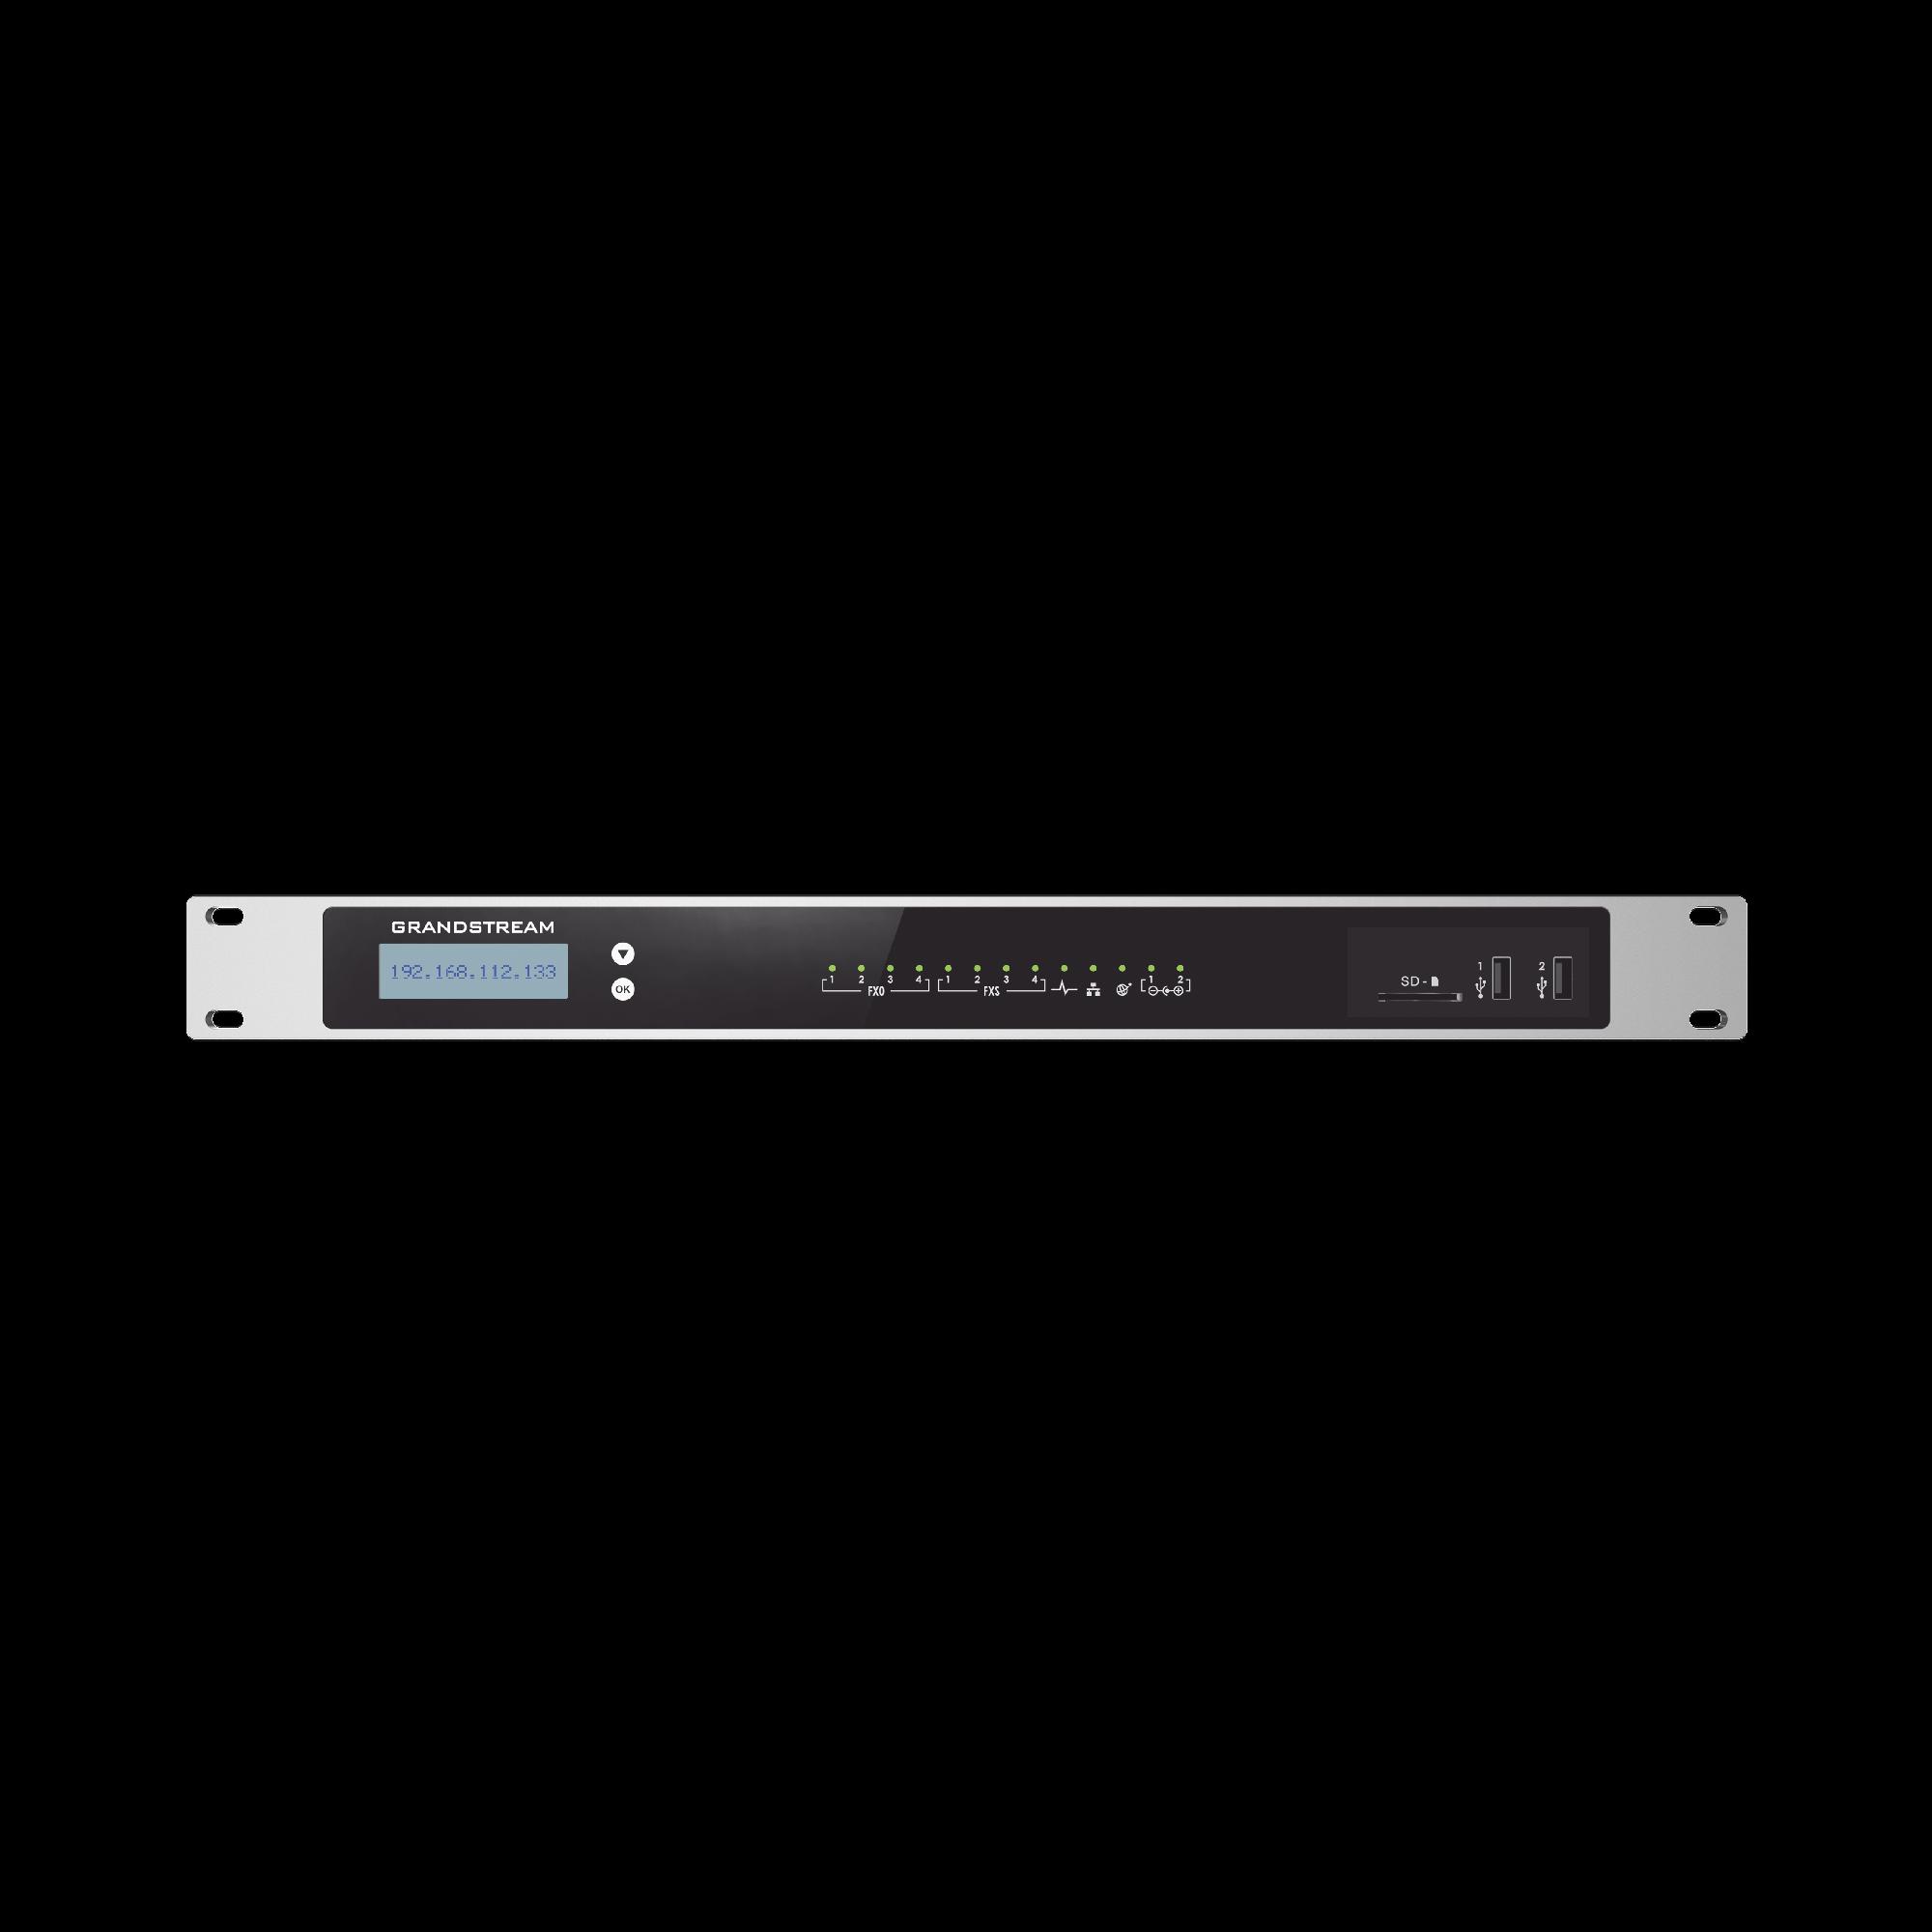 Conmutador 2000 usuarios, 4FXO, 4FXS,  para solucion de comunicaciones unificadas y colaboracion